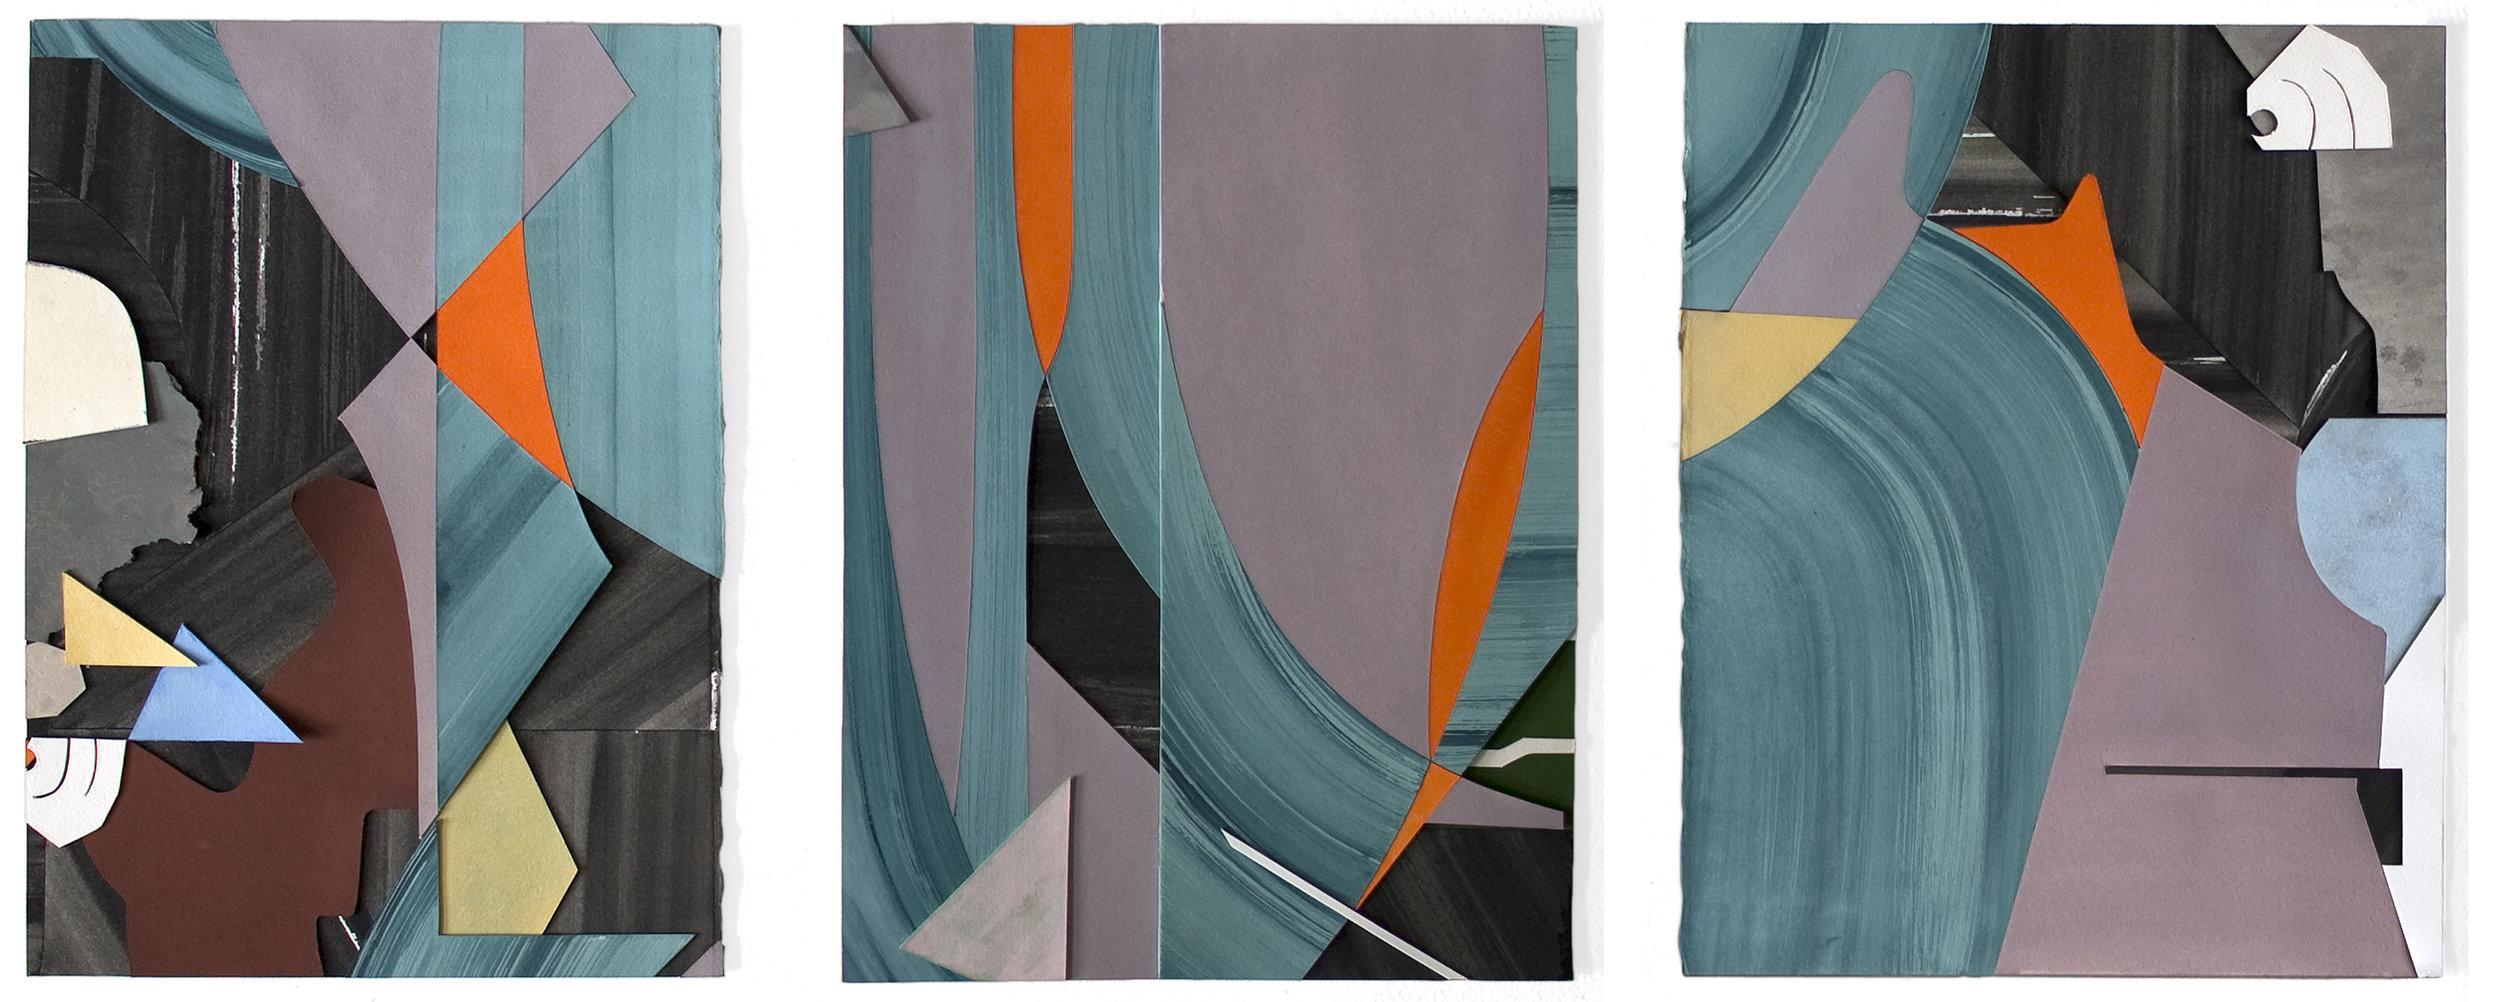 Triptych Study